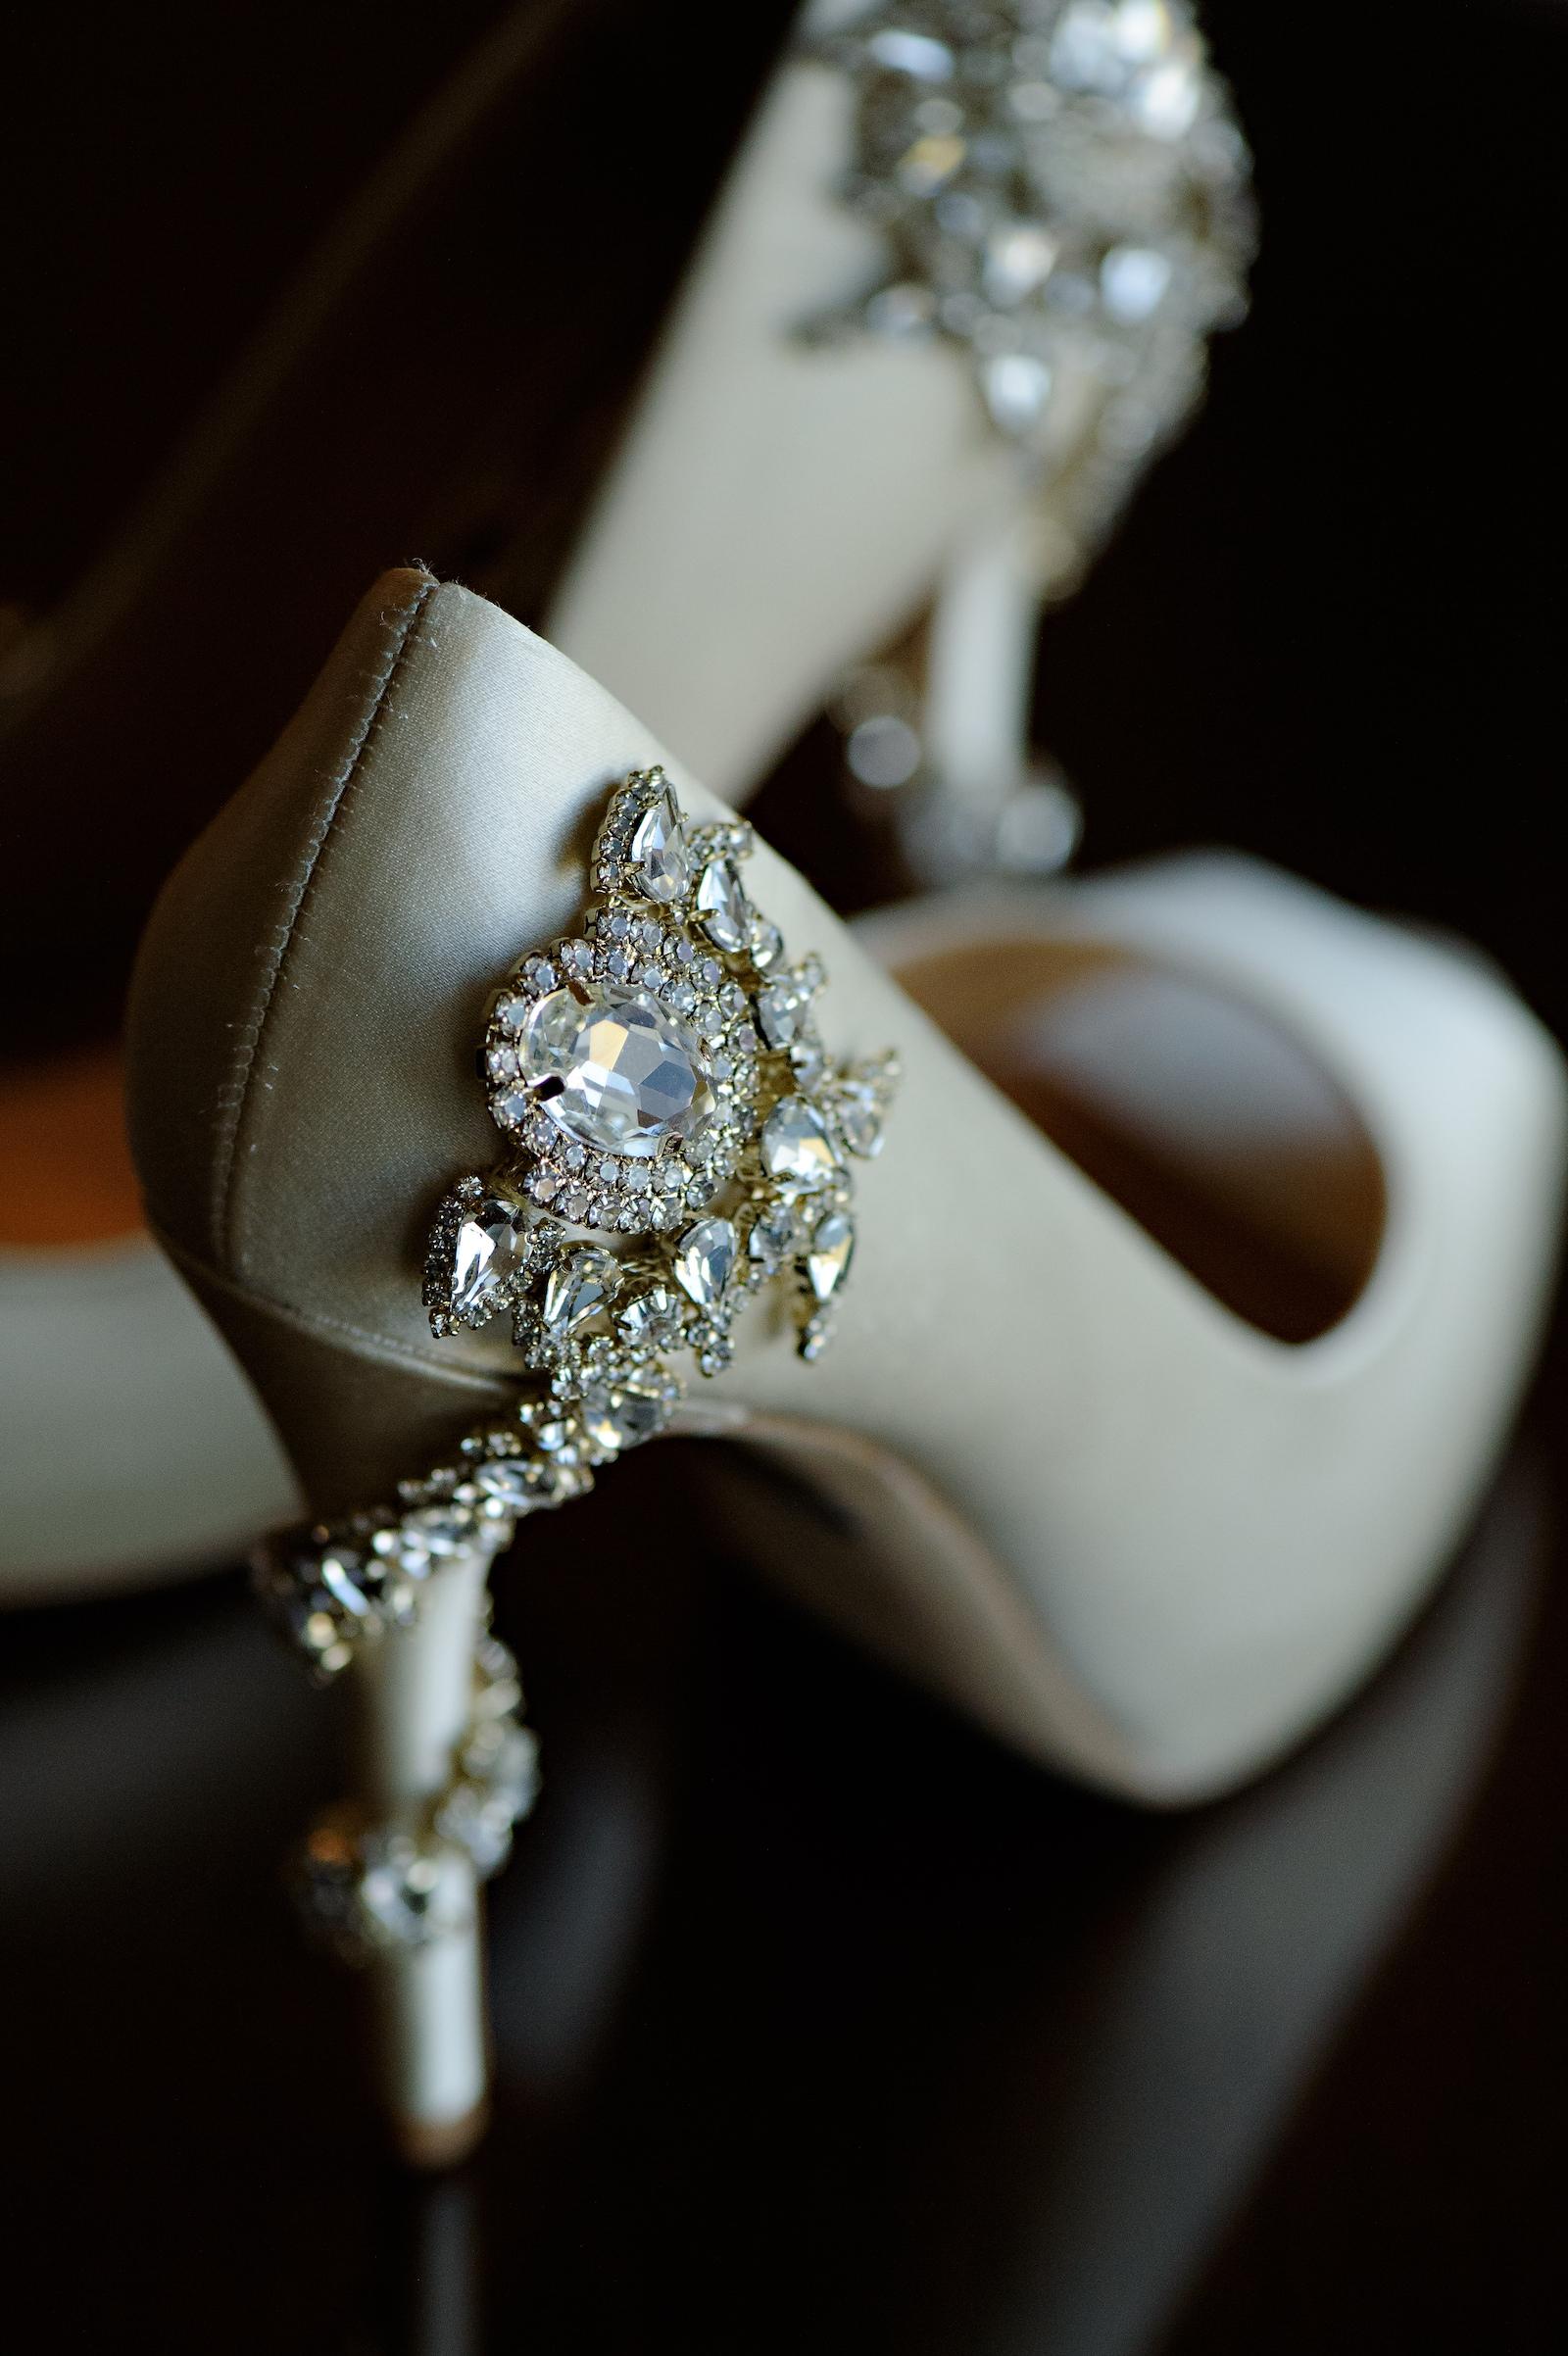 Elegant Bridal White Satin High Heel Wedding Shoes with Rhinestone Embellishments